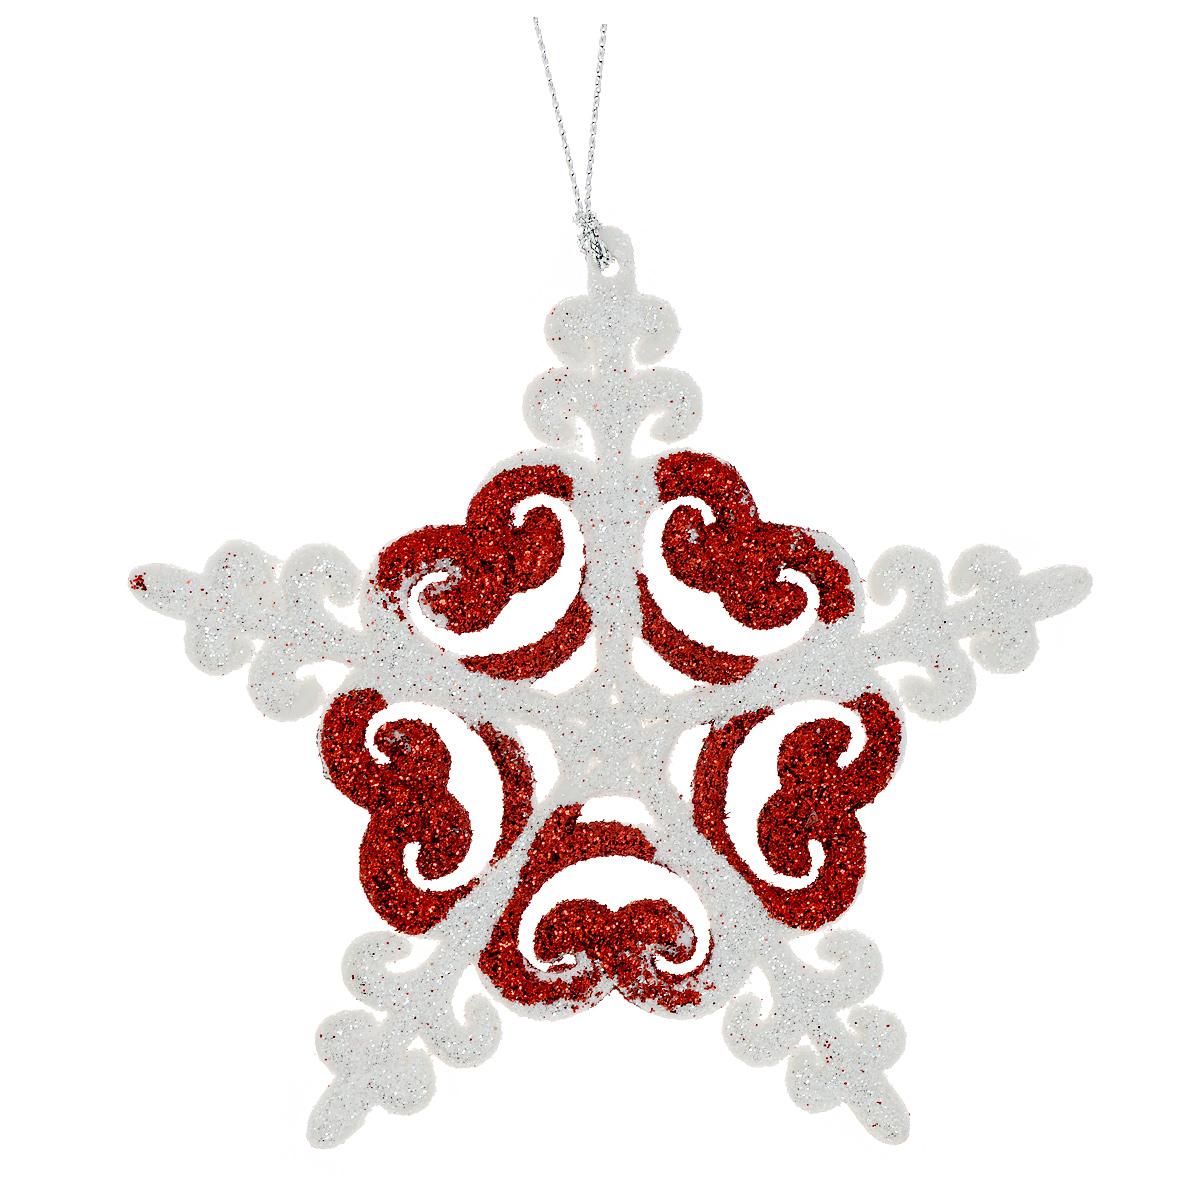 Новогоднее подвесное украшение Феникс-Презент Снежинка, цвет: красный, диаметр 12 см. 34981 украшение новогоднее подвесное феникс презент карабас барабас 3 5 x 3 5 x 8 5 см